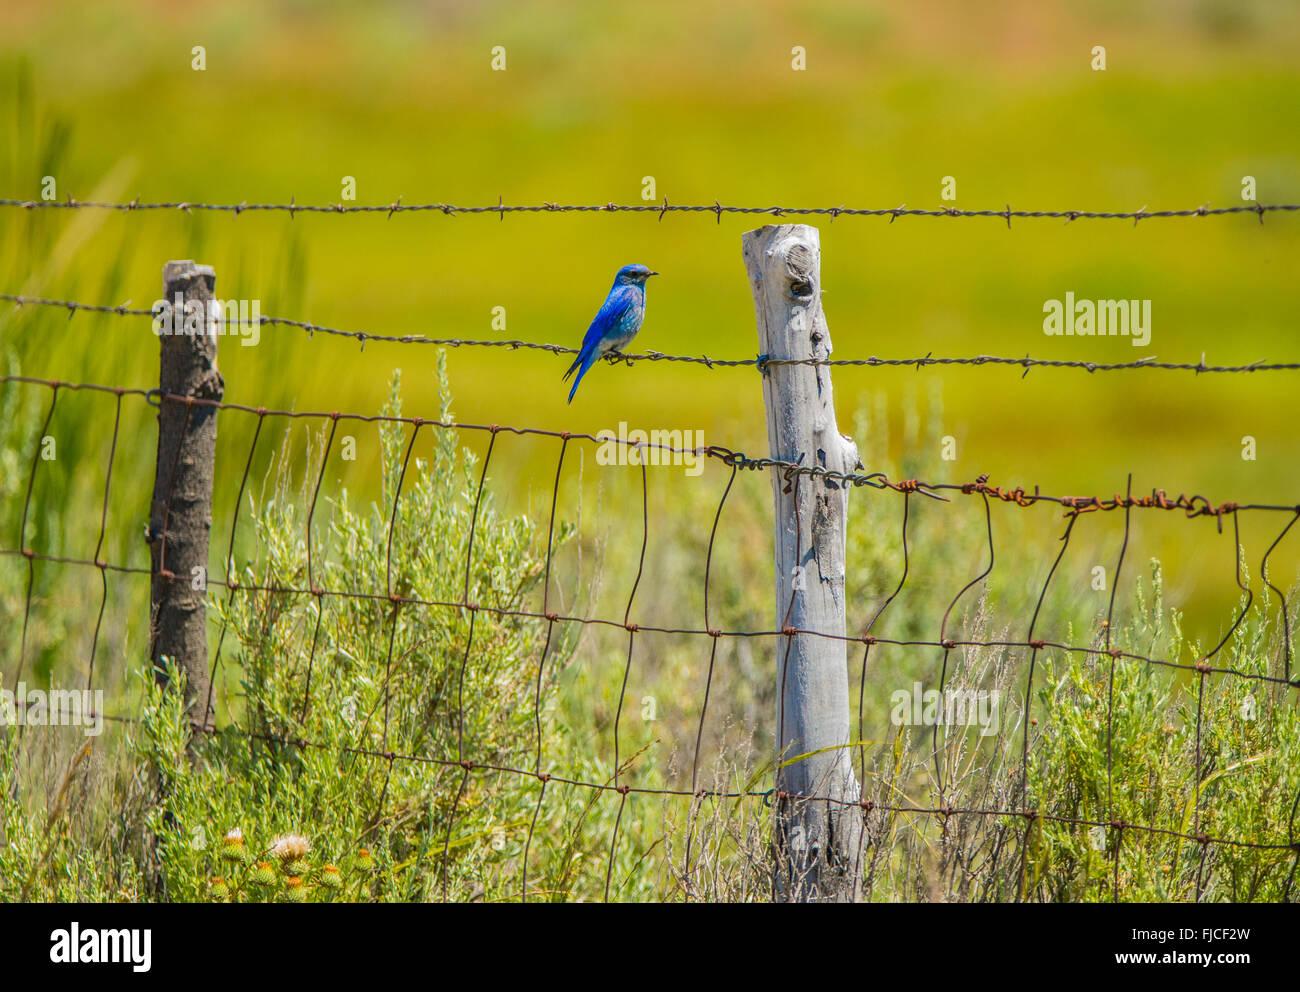 Vögel, Mountain Blue Bird thront auf einem Zaun. Idaho Zustand-Vogel, Idaho, USA Stockbild